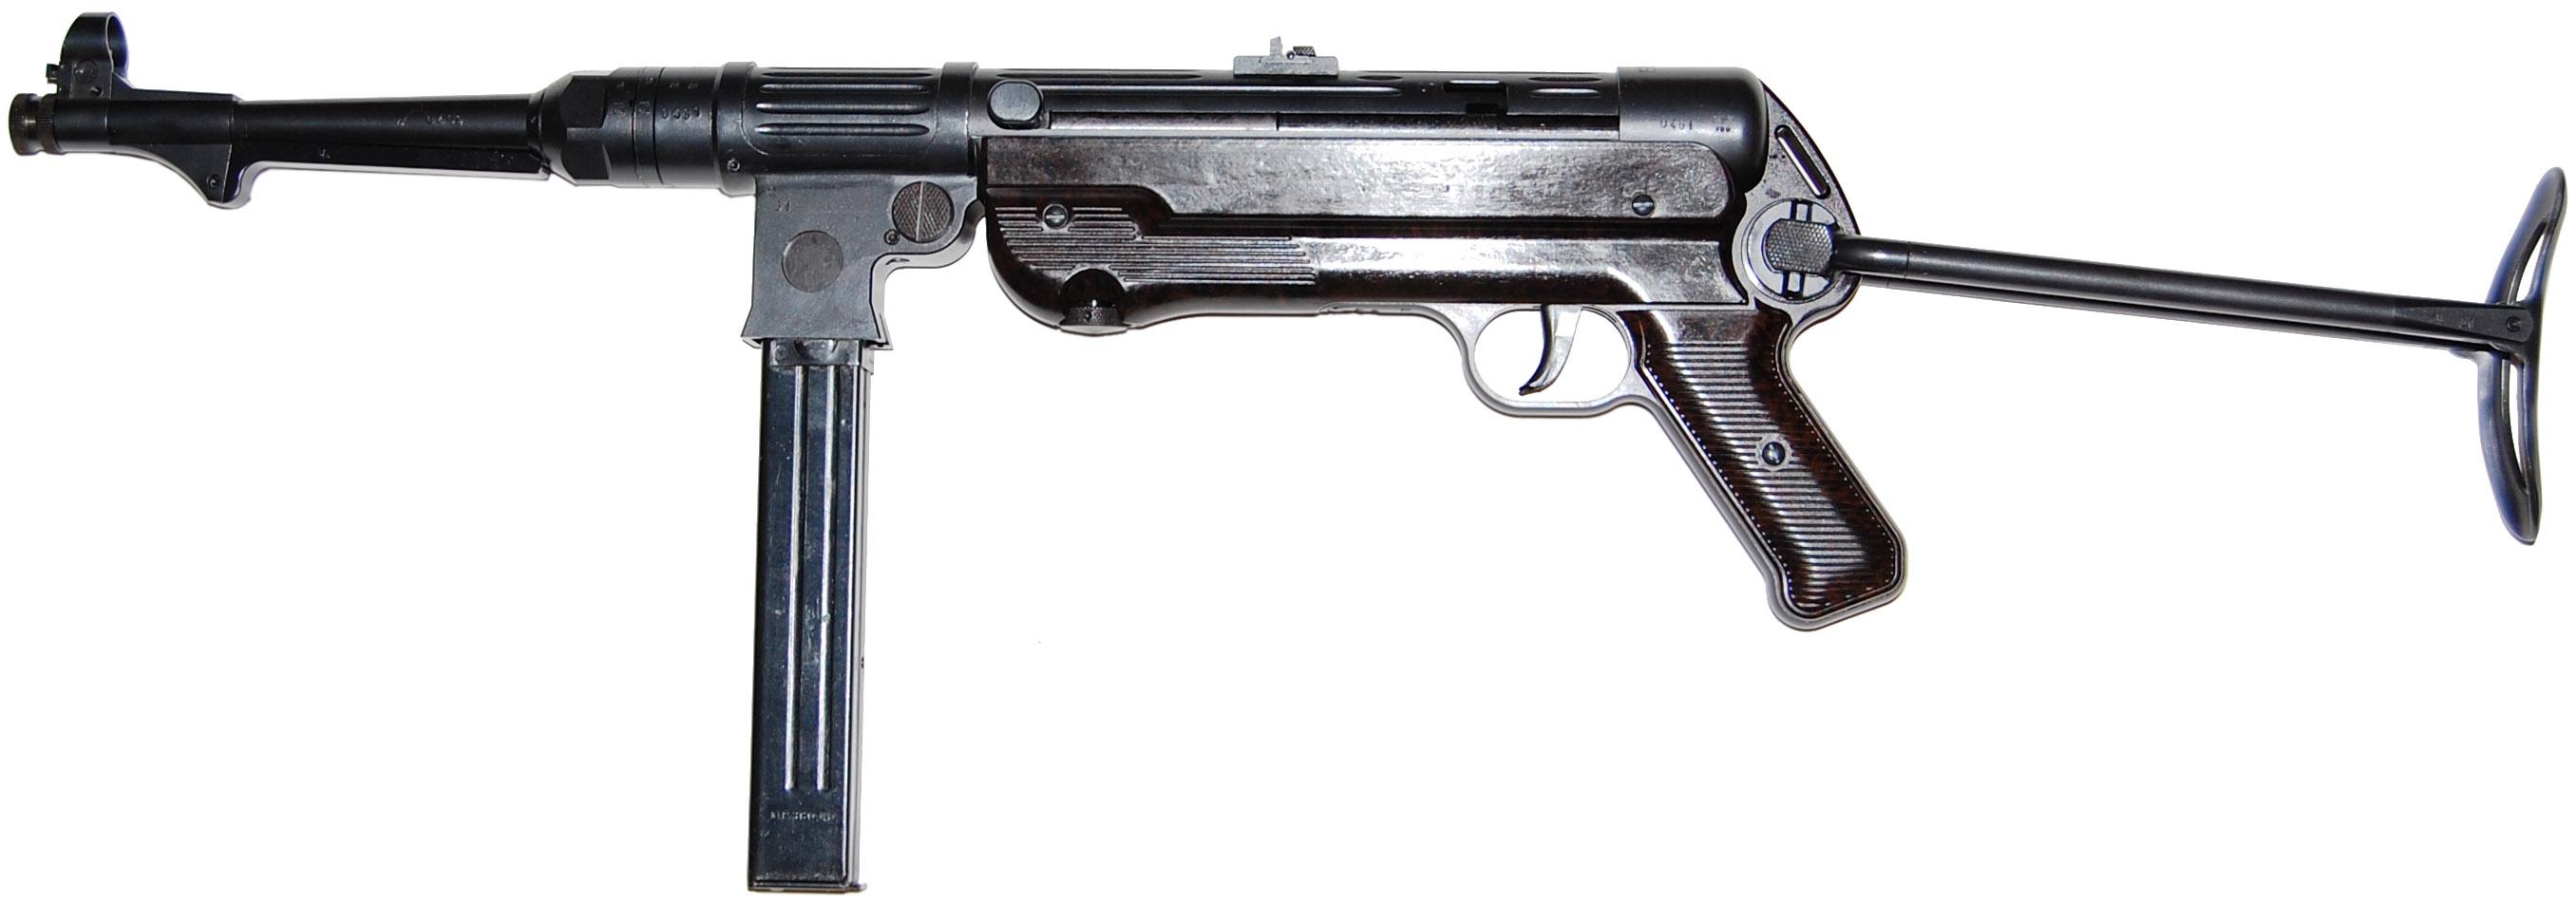 MP 38 с разложенным прикладом